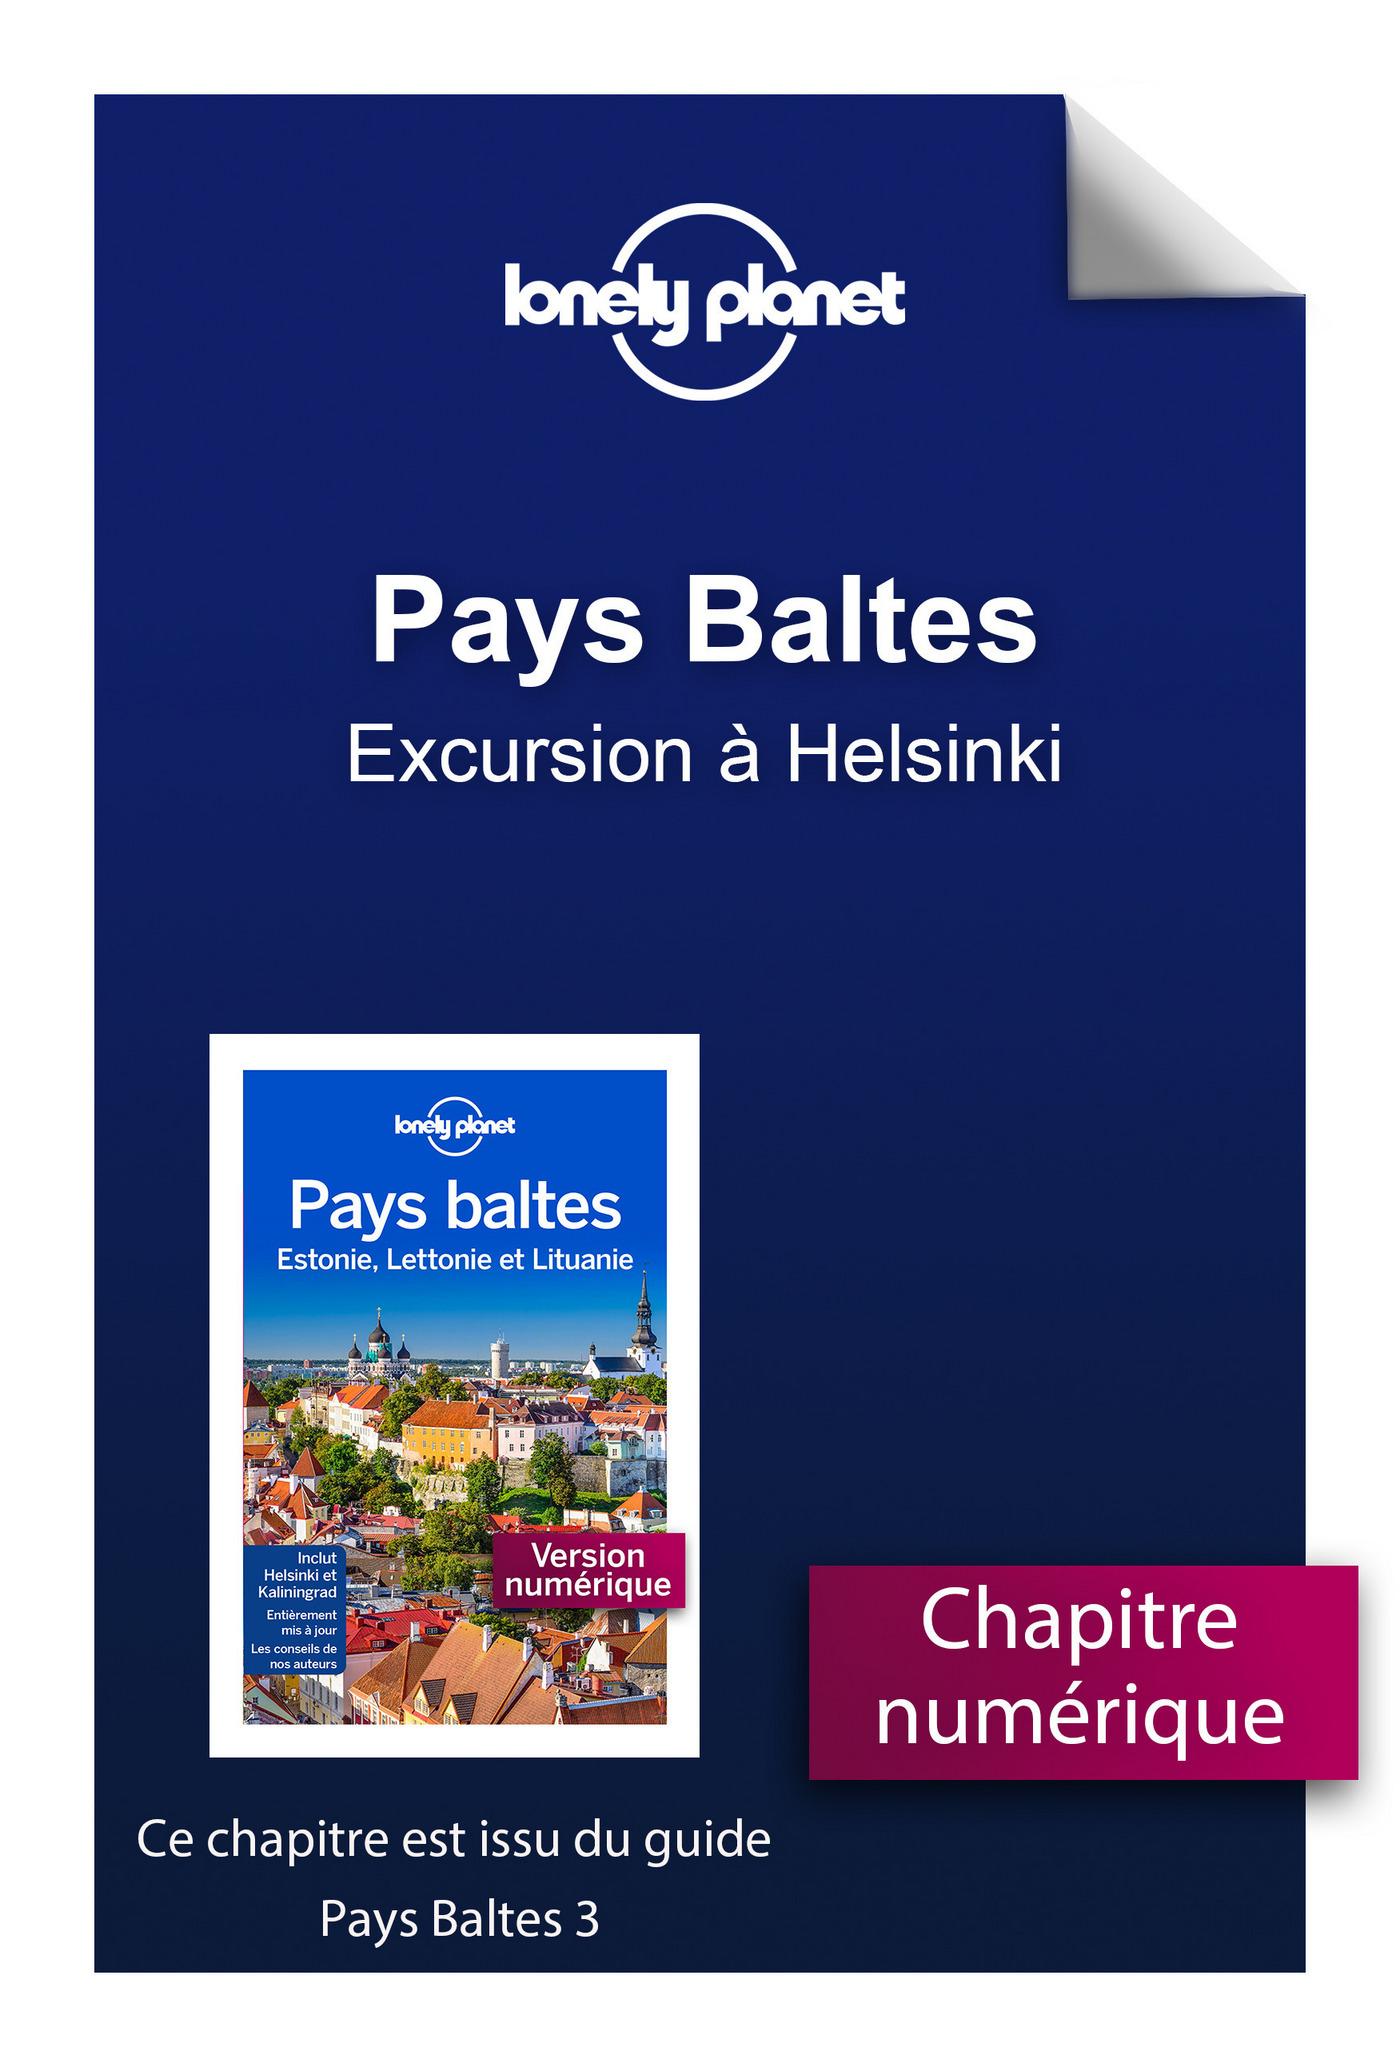 Pays Baltes - Excursion à Helsinki